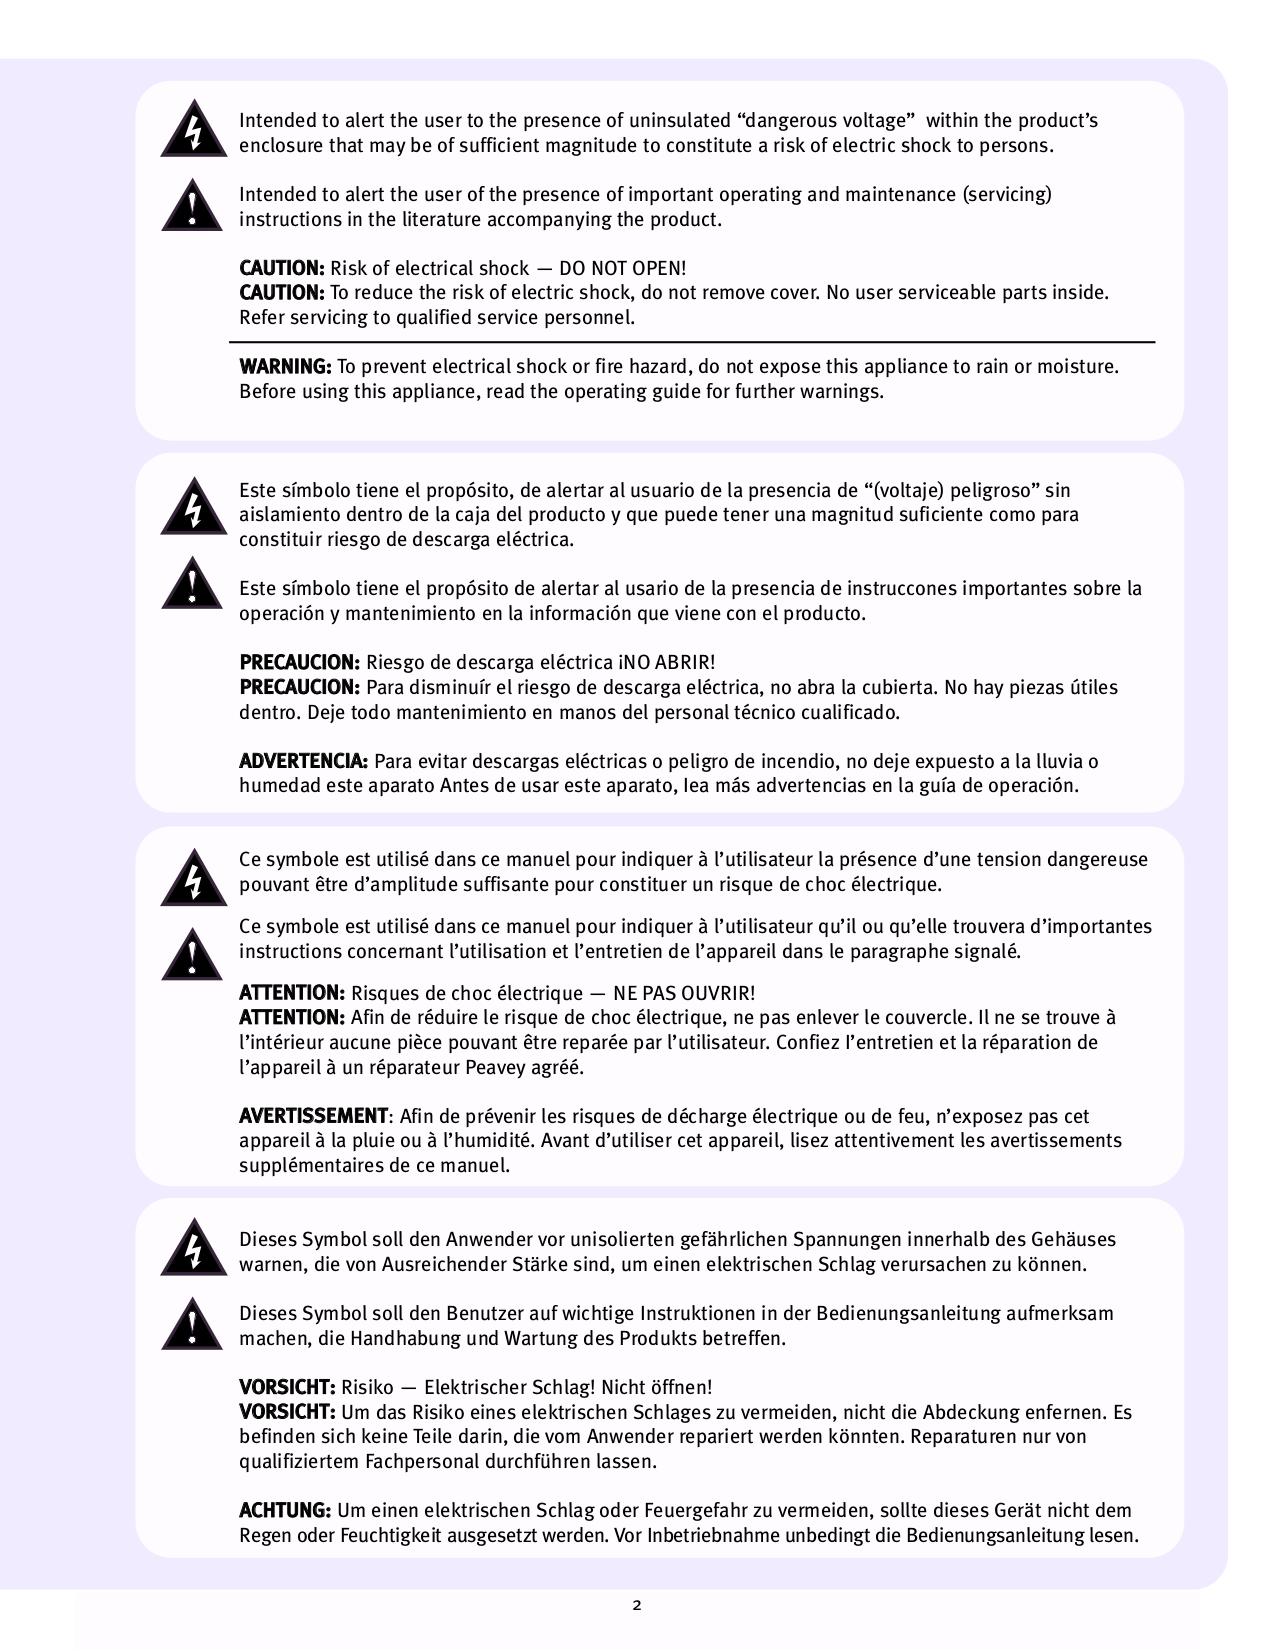 PDF manual for Peavey Amp KB 300